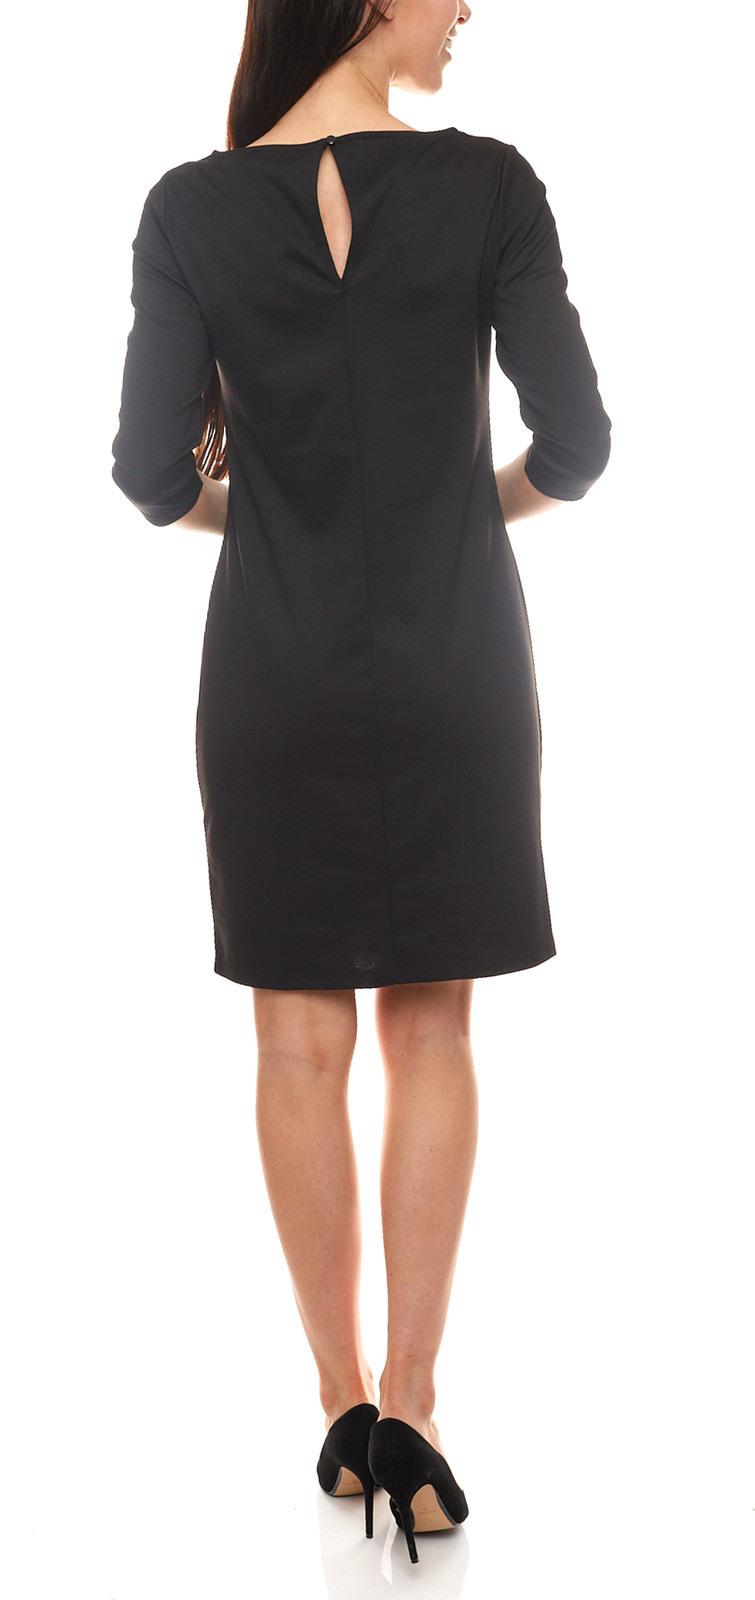 Laura Scott Jerseykleid Körpernahes Damen Herbstkleid